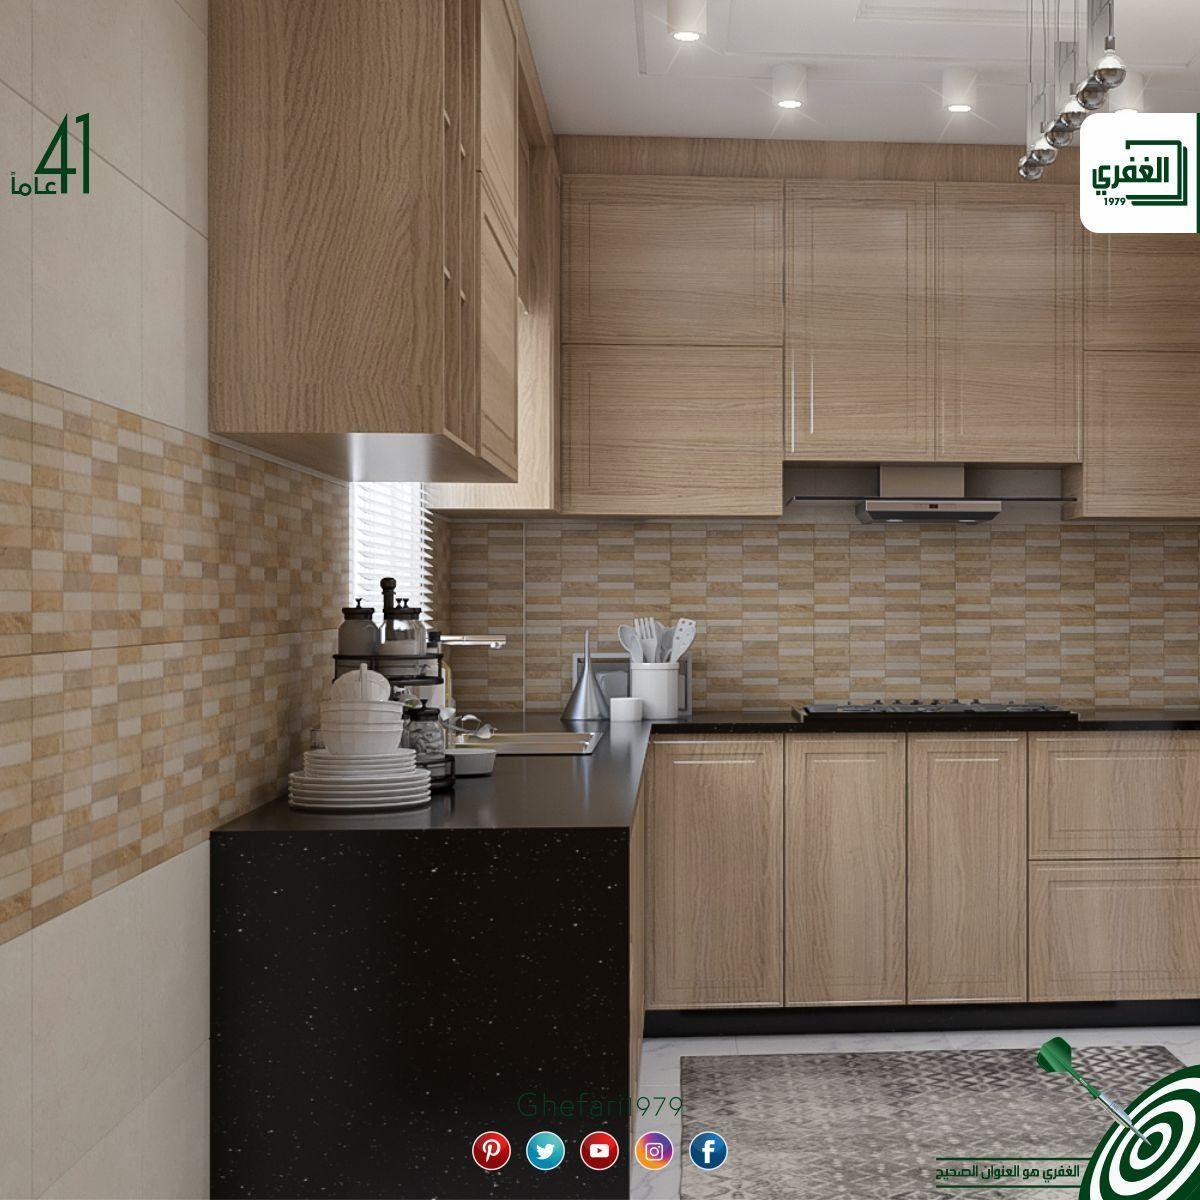 بلاط أسباني ديكور للاستخدام داخل الحمامات والمطابخ للمزيد زورونا على موقع الشركة Https Www Ghefari Com Ar Urbana Wall و Home Decor Decor Kitchen Cabinets